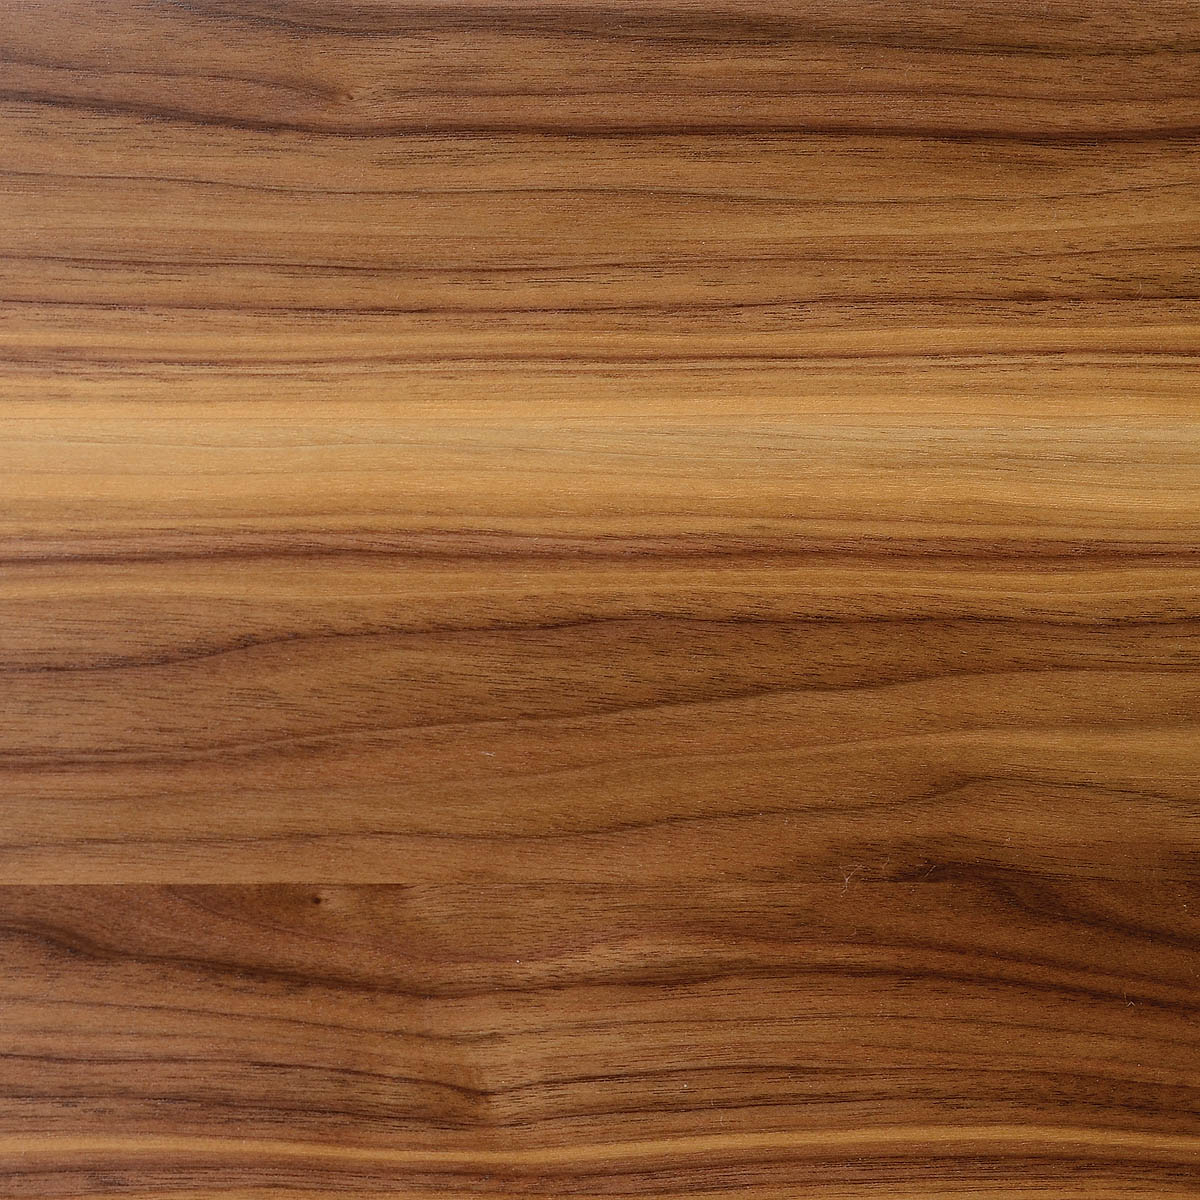 Schody drewniane - Białystok - orzech amerykański